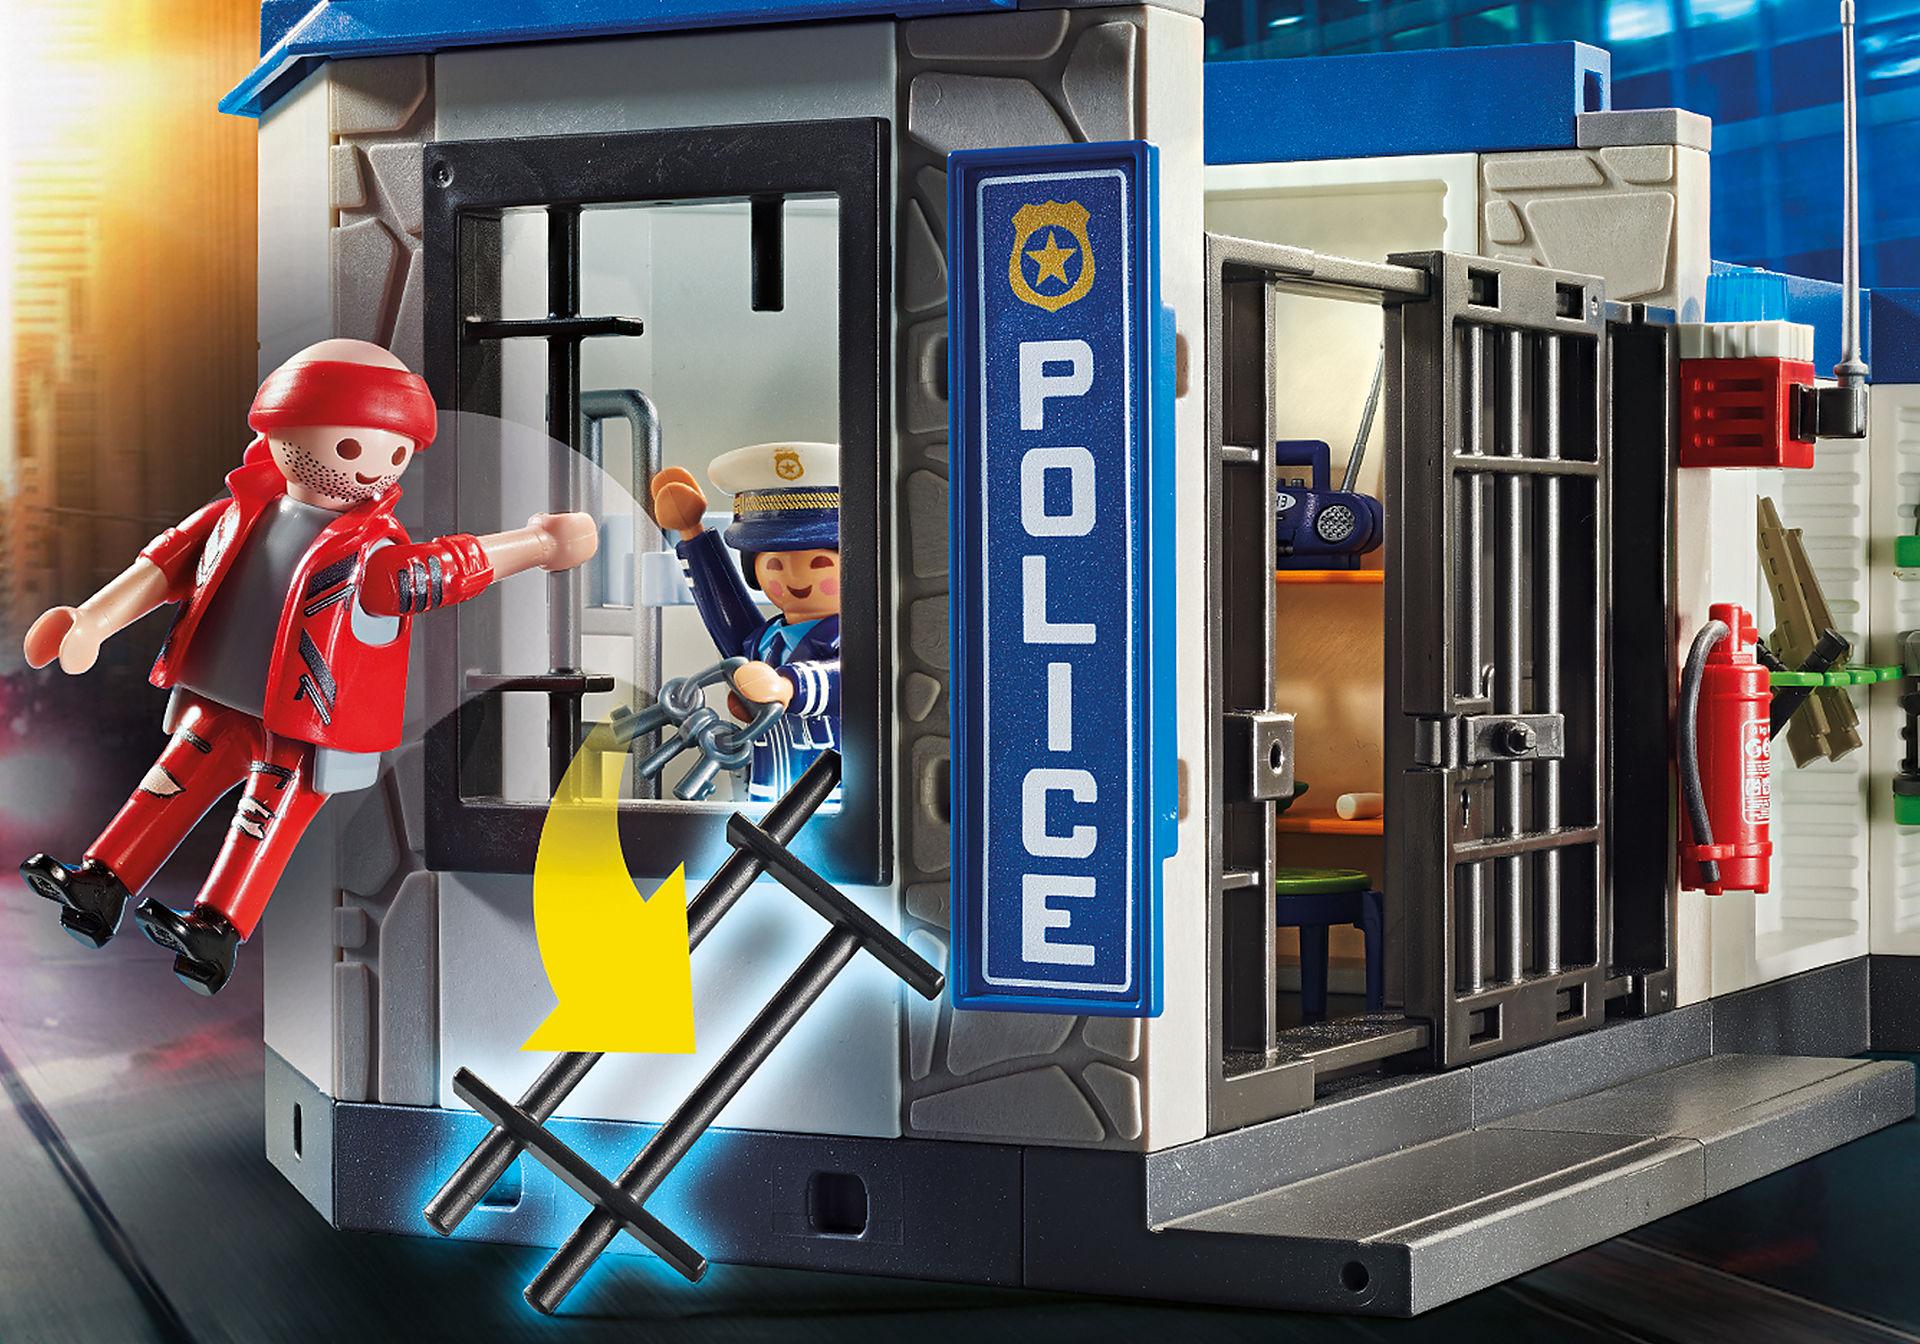 70568 Polizei: Flucht aus dem Gefängnis zoom image5